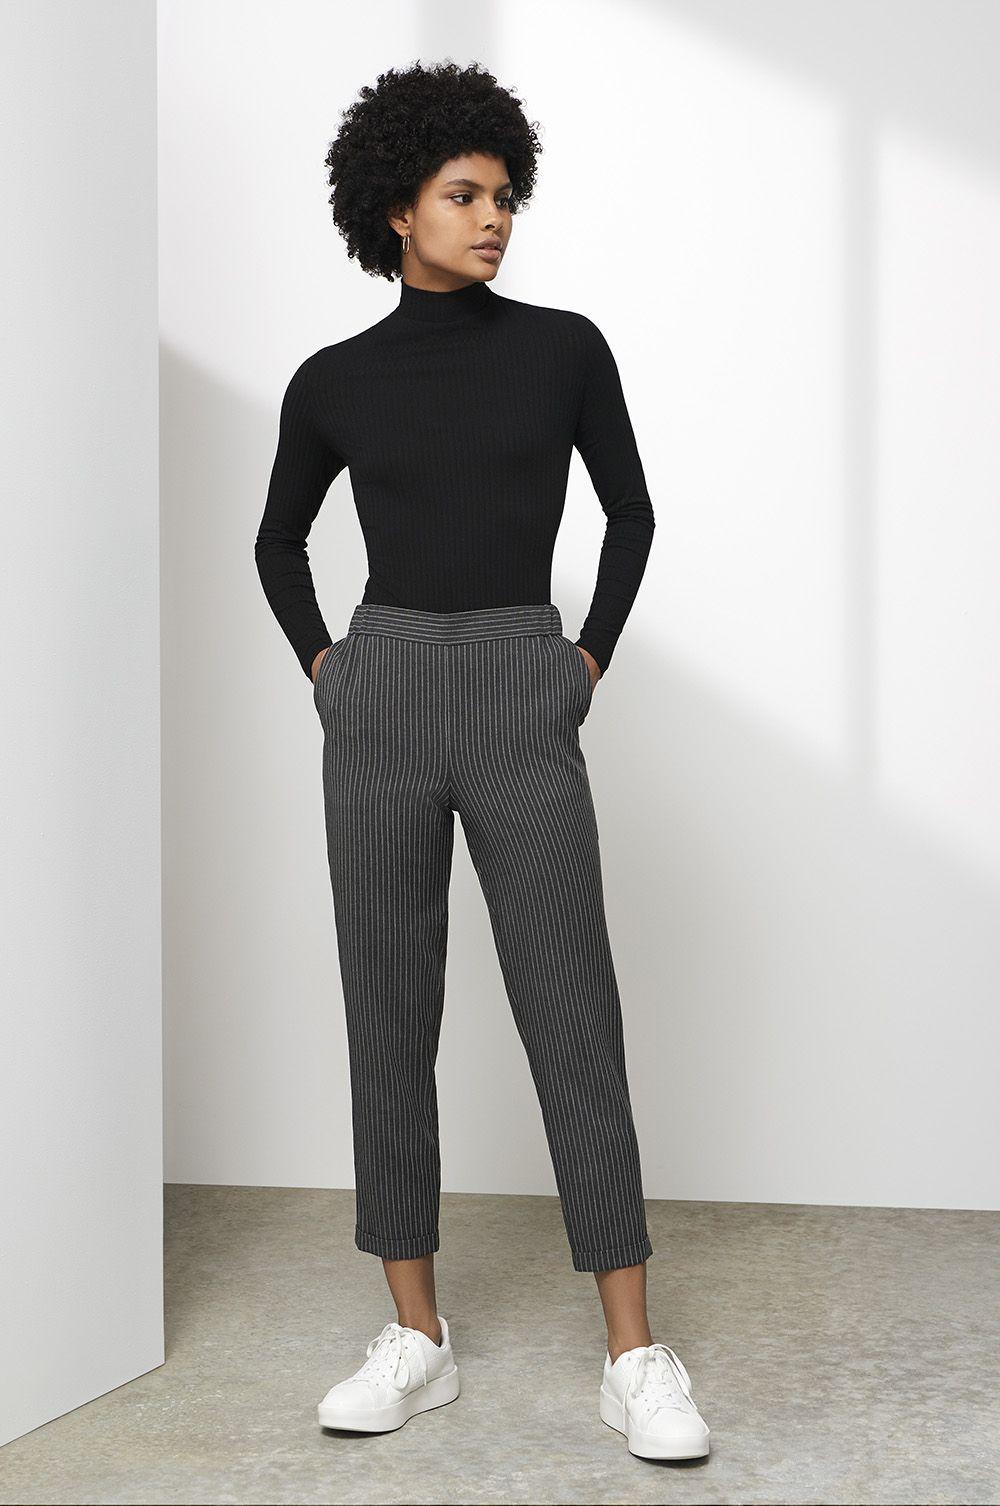 venta caliente más nuevo estilo popular muy baratas PANTALON 14€   MODA - PRIMARK   Pantalones de moda mujer ...